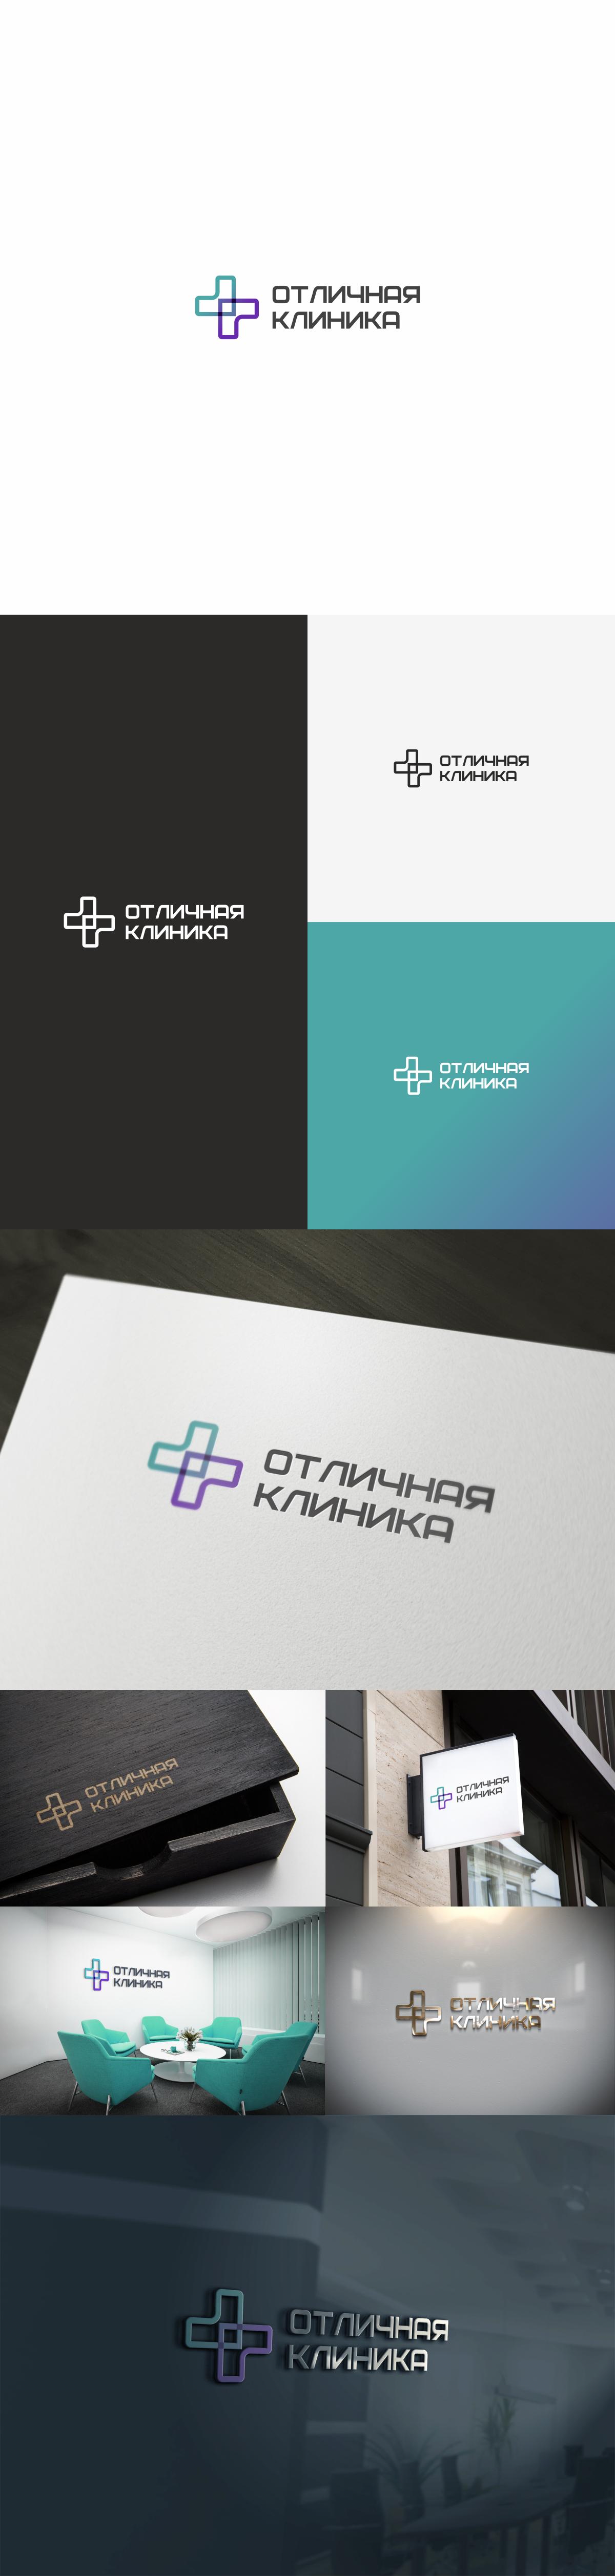 Логотип и фирменный стиль частной клиники фото f_9875c93c606b5aab.jpg